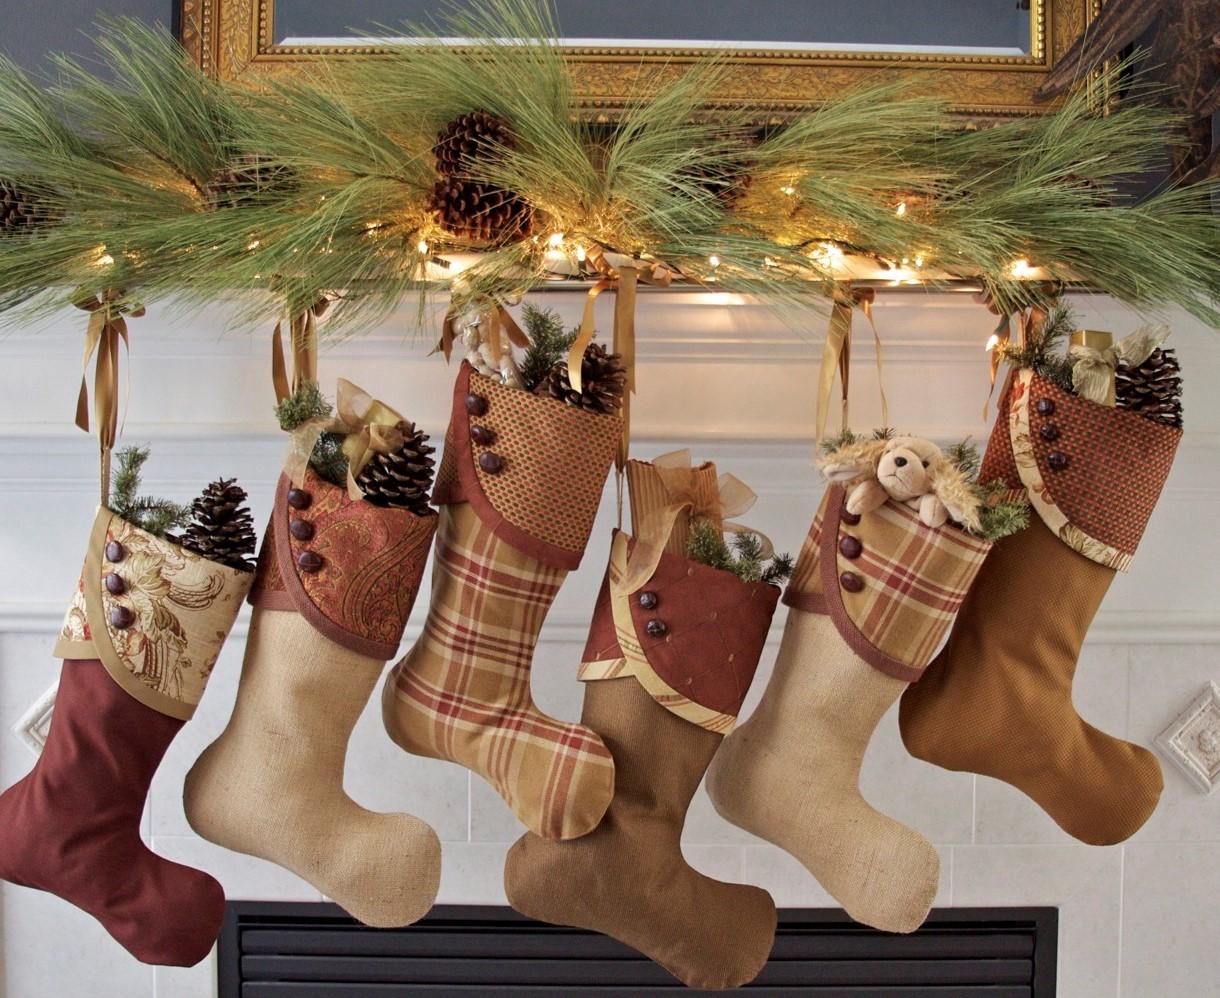 Déco de Noël GiFi: chaussettes de Noël assorties.